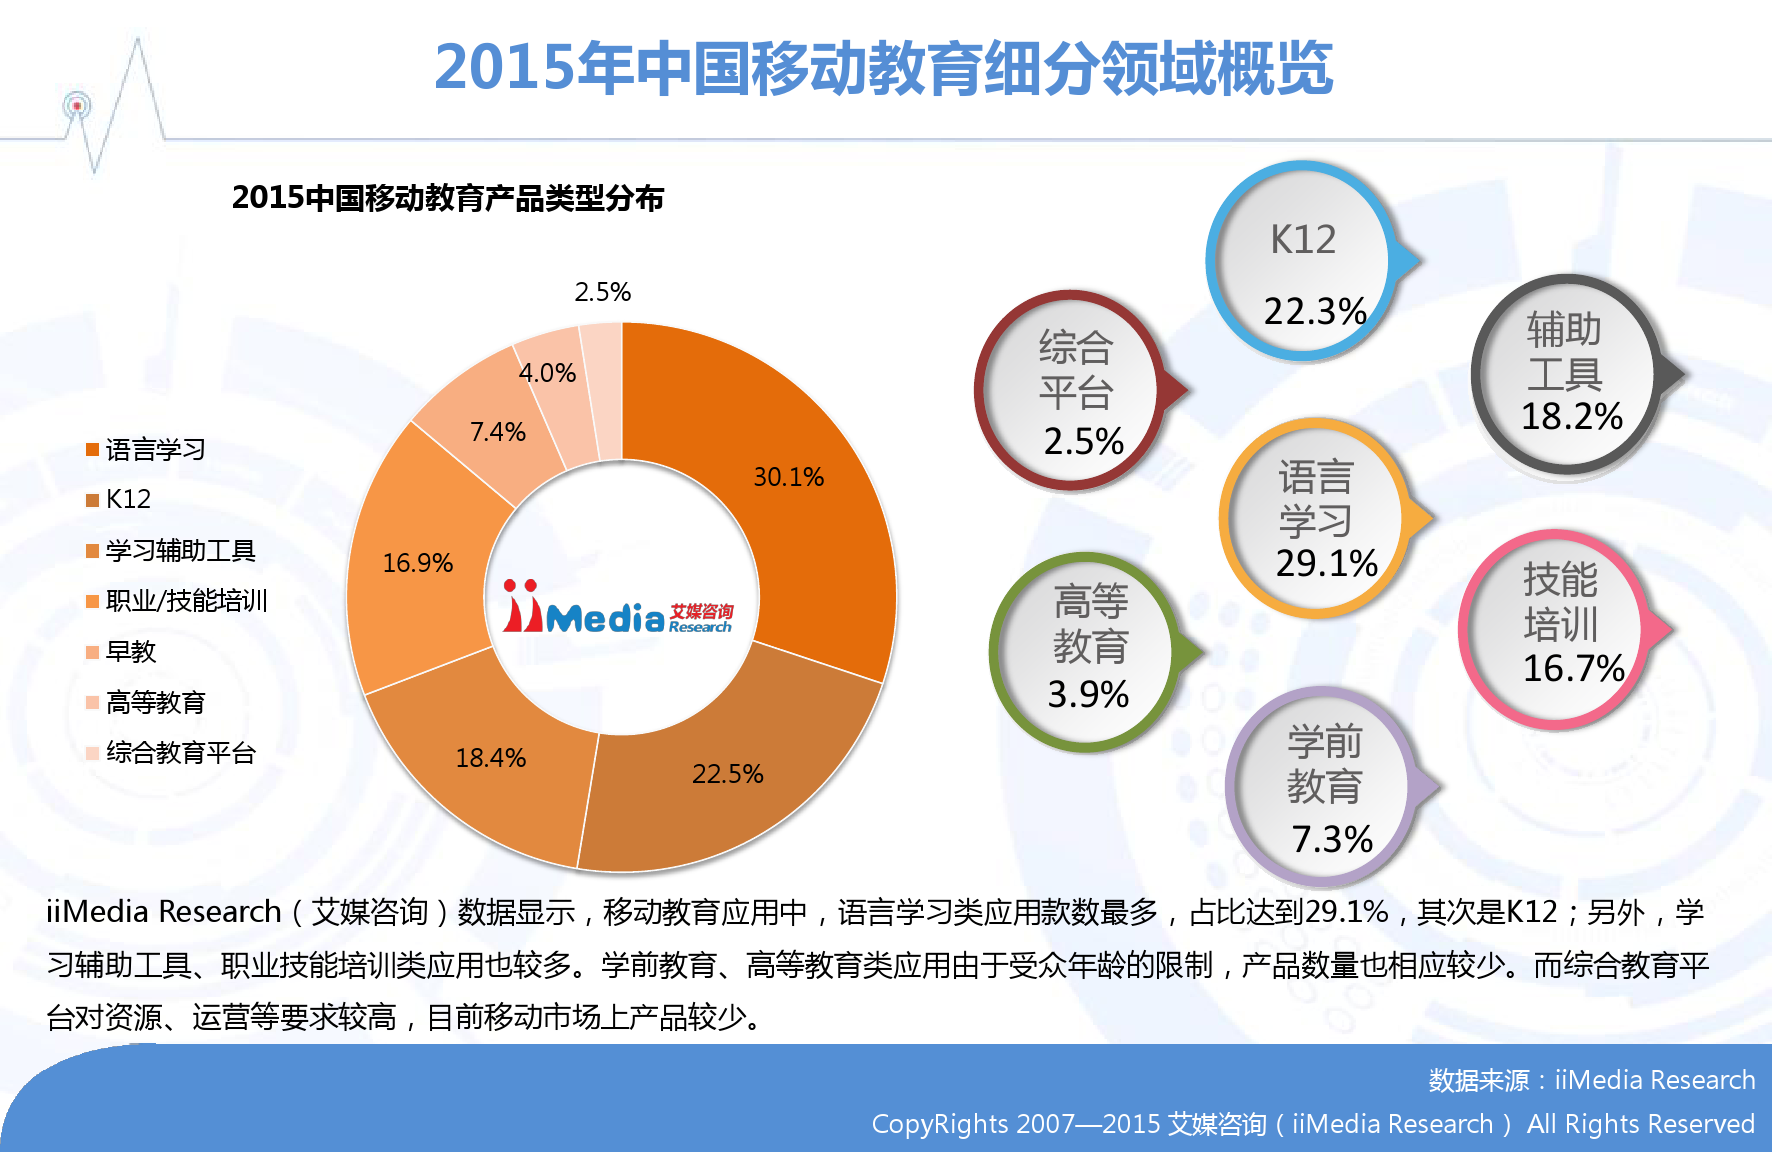 2015-2016年中国移动教育市场研究报告_000012